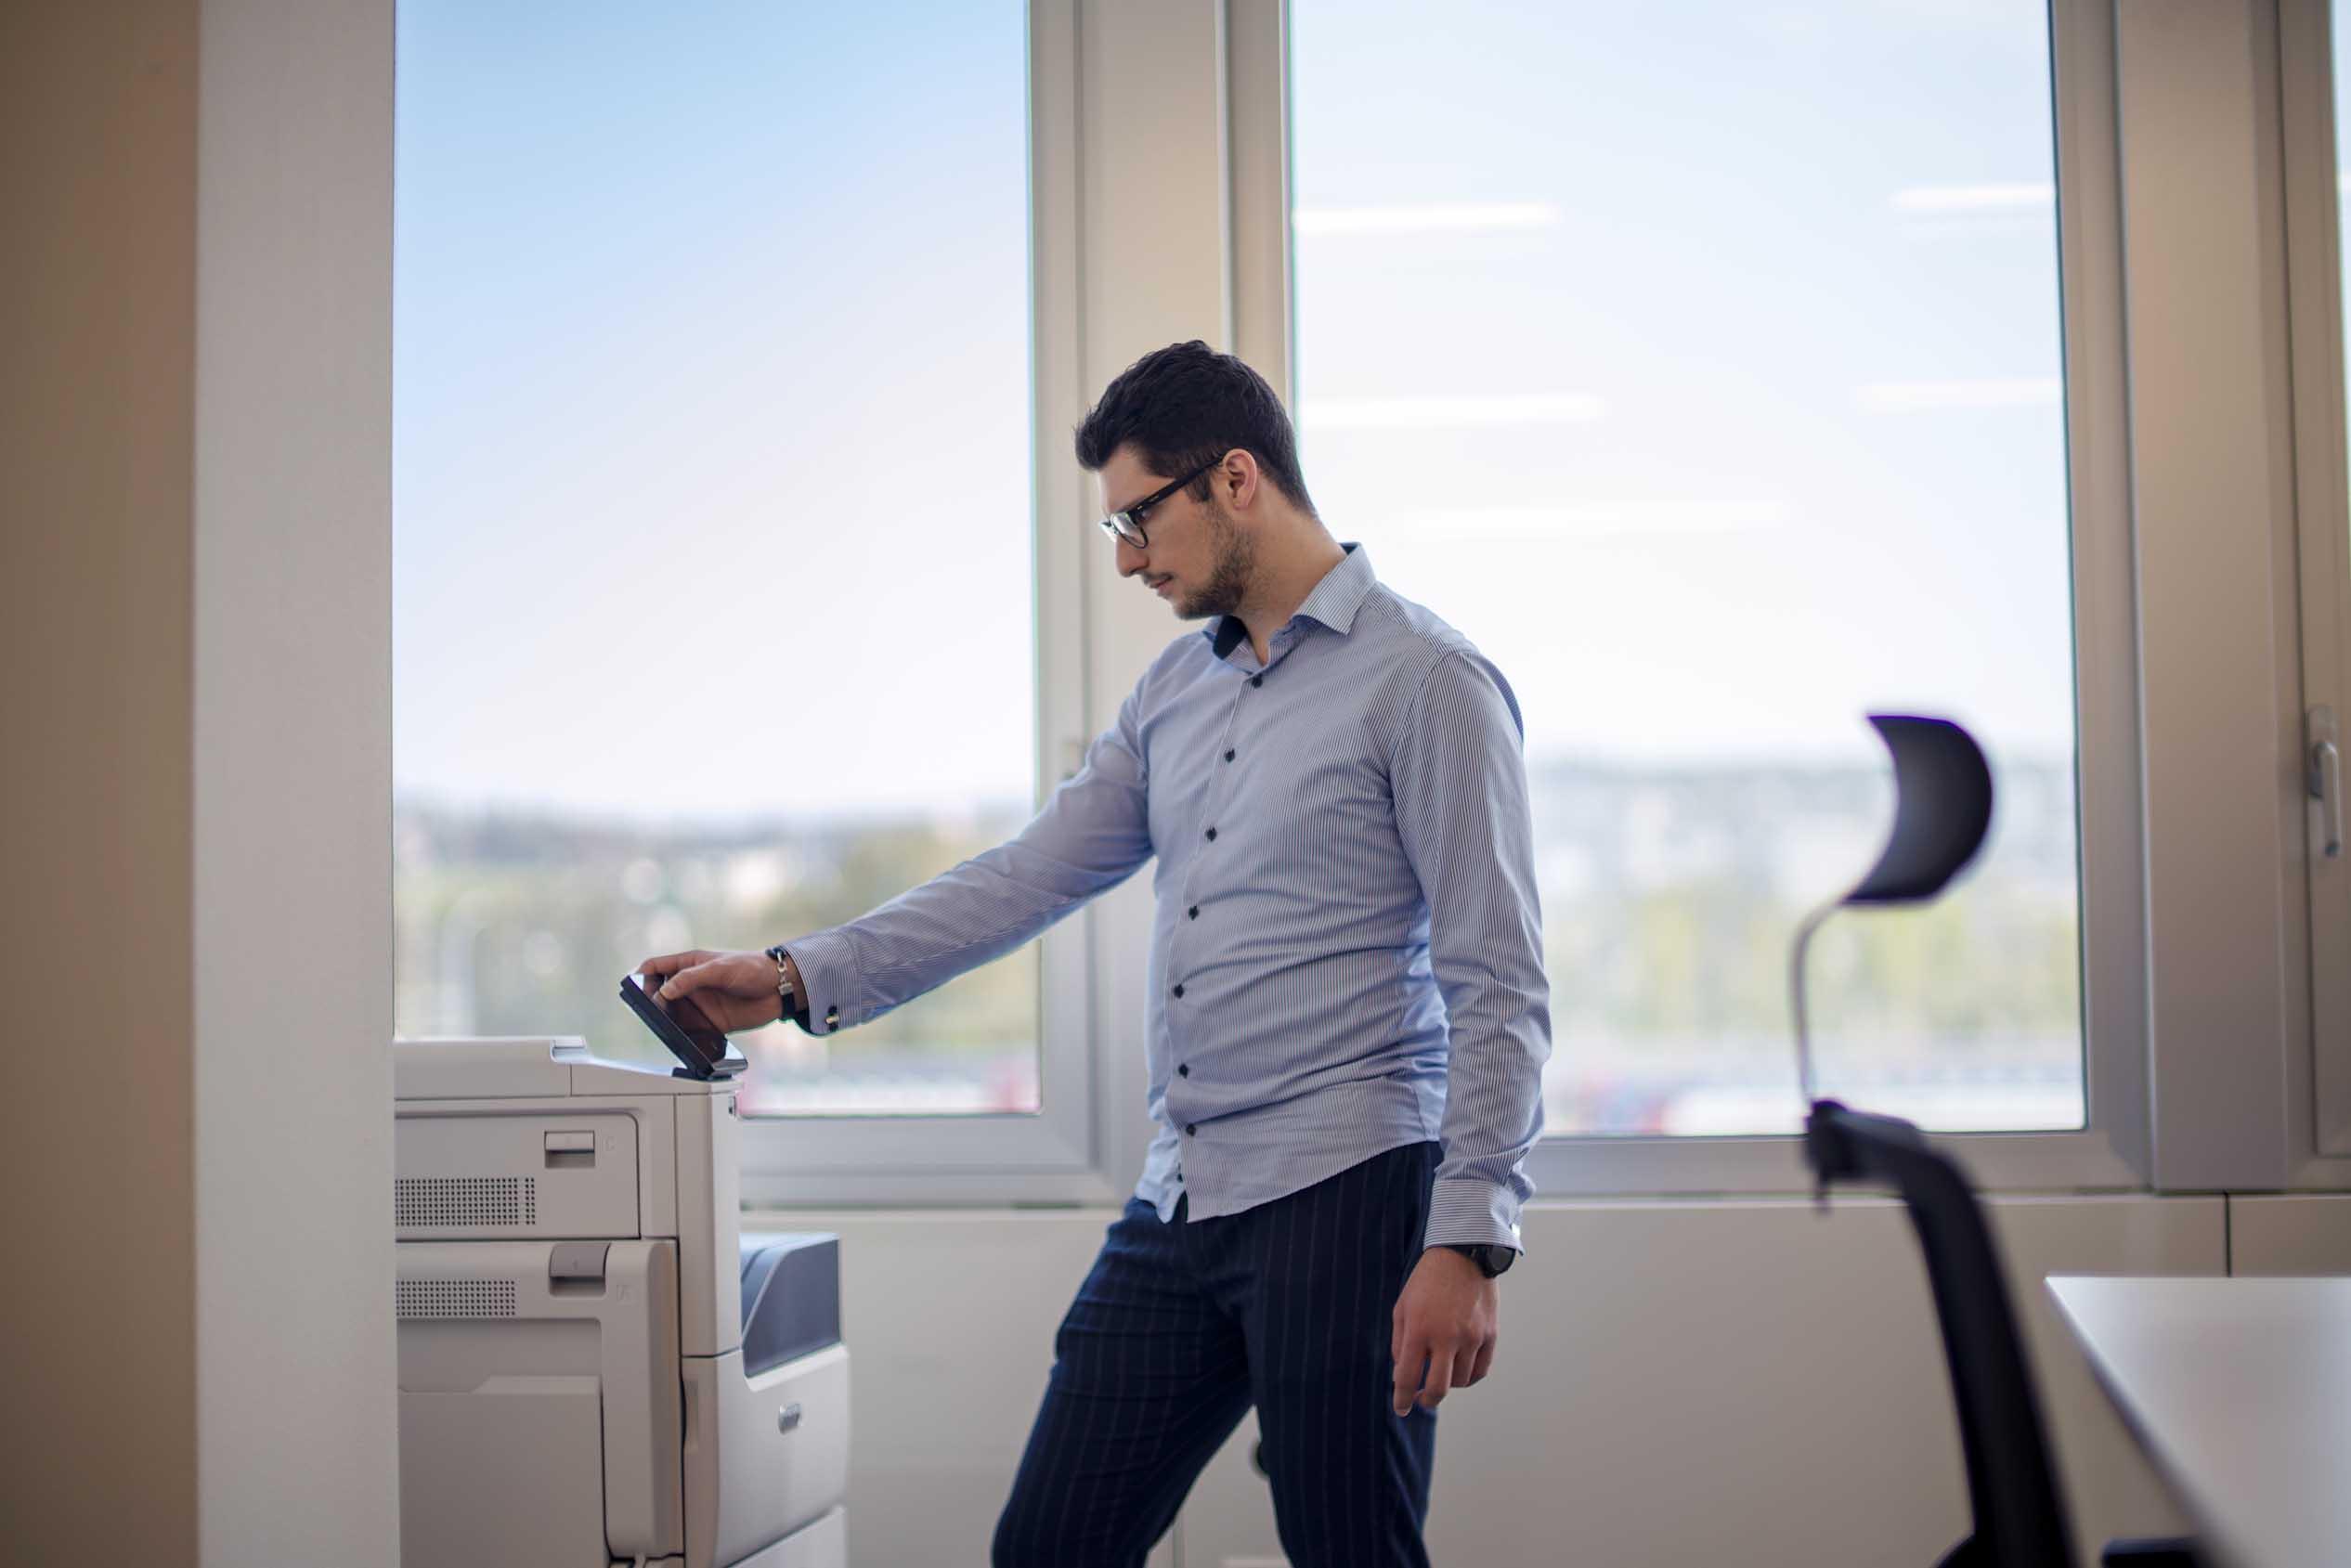 Xerox Drucker, bei uns ist das alles im Preis inbegriffen. Planbare kosten, ohne für jeden Sch**** zahlen zu müssen. Mood, future, altstetten, büro mieten business